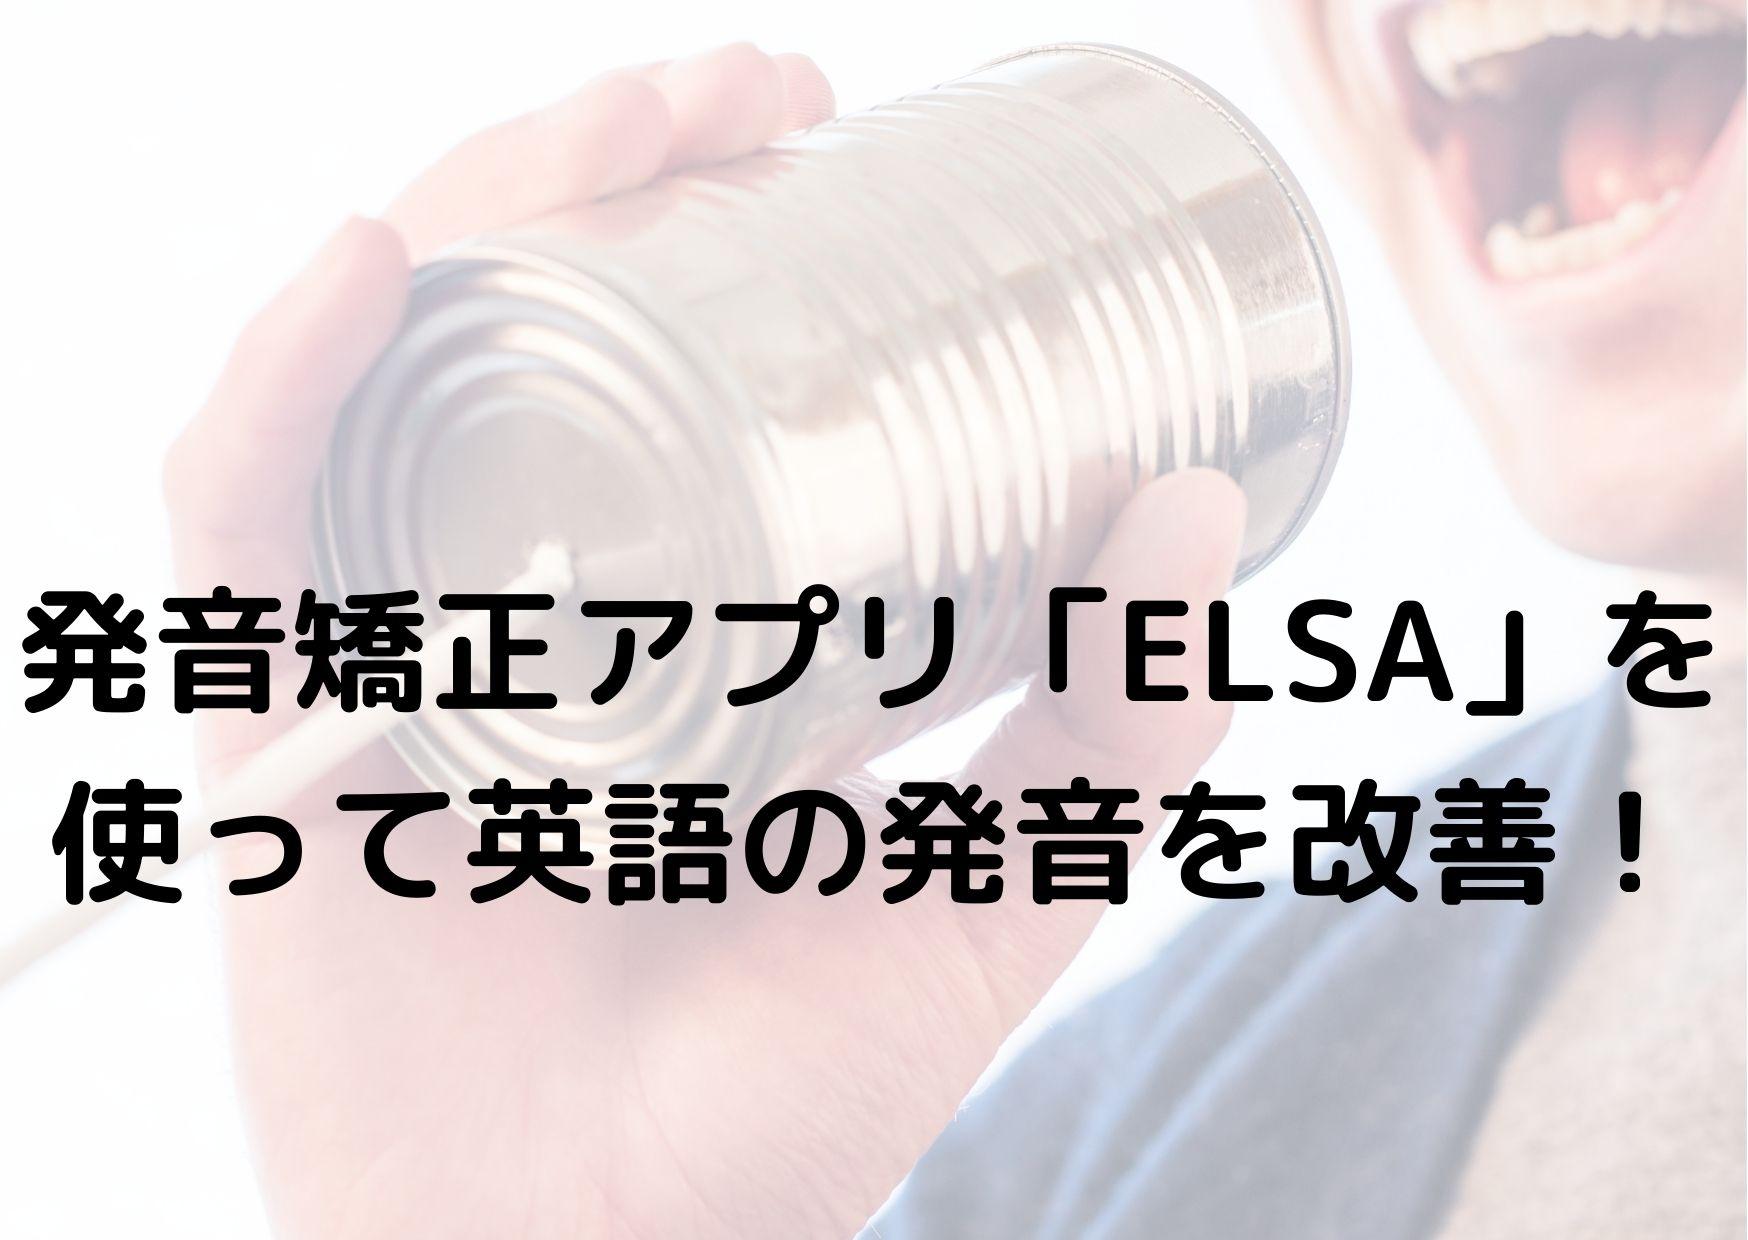 発音矯正アプリ「ELSA」を使って英語の発音を改善!